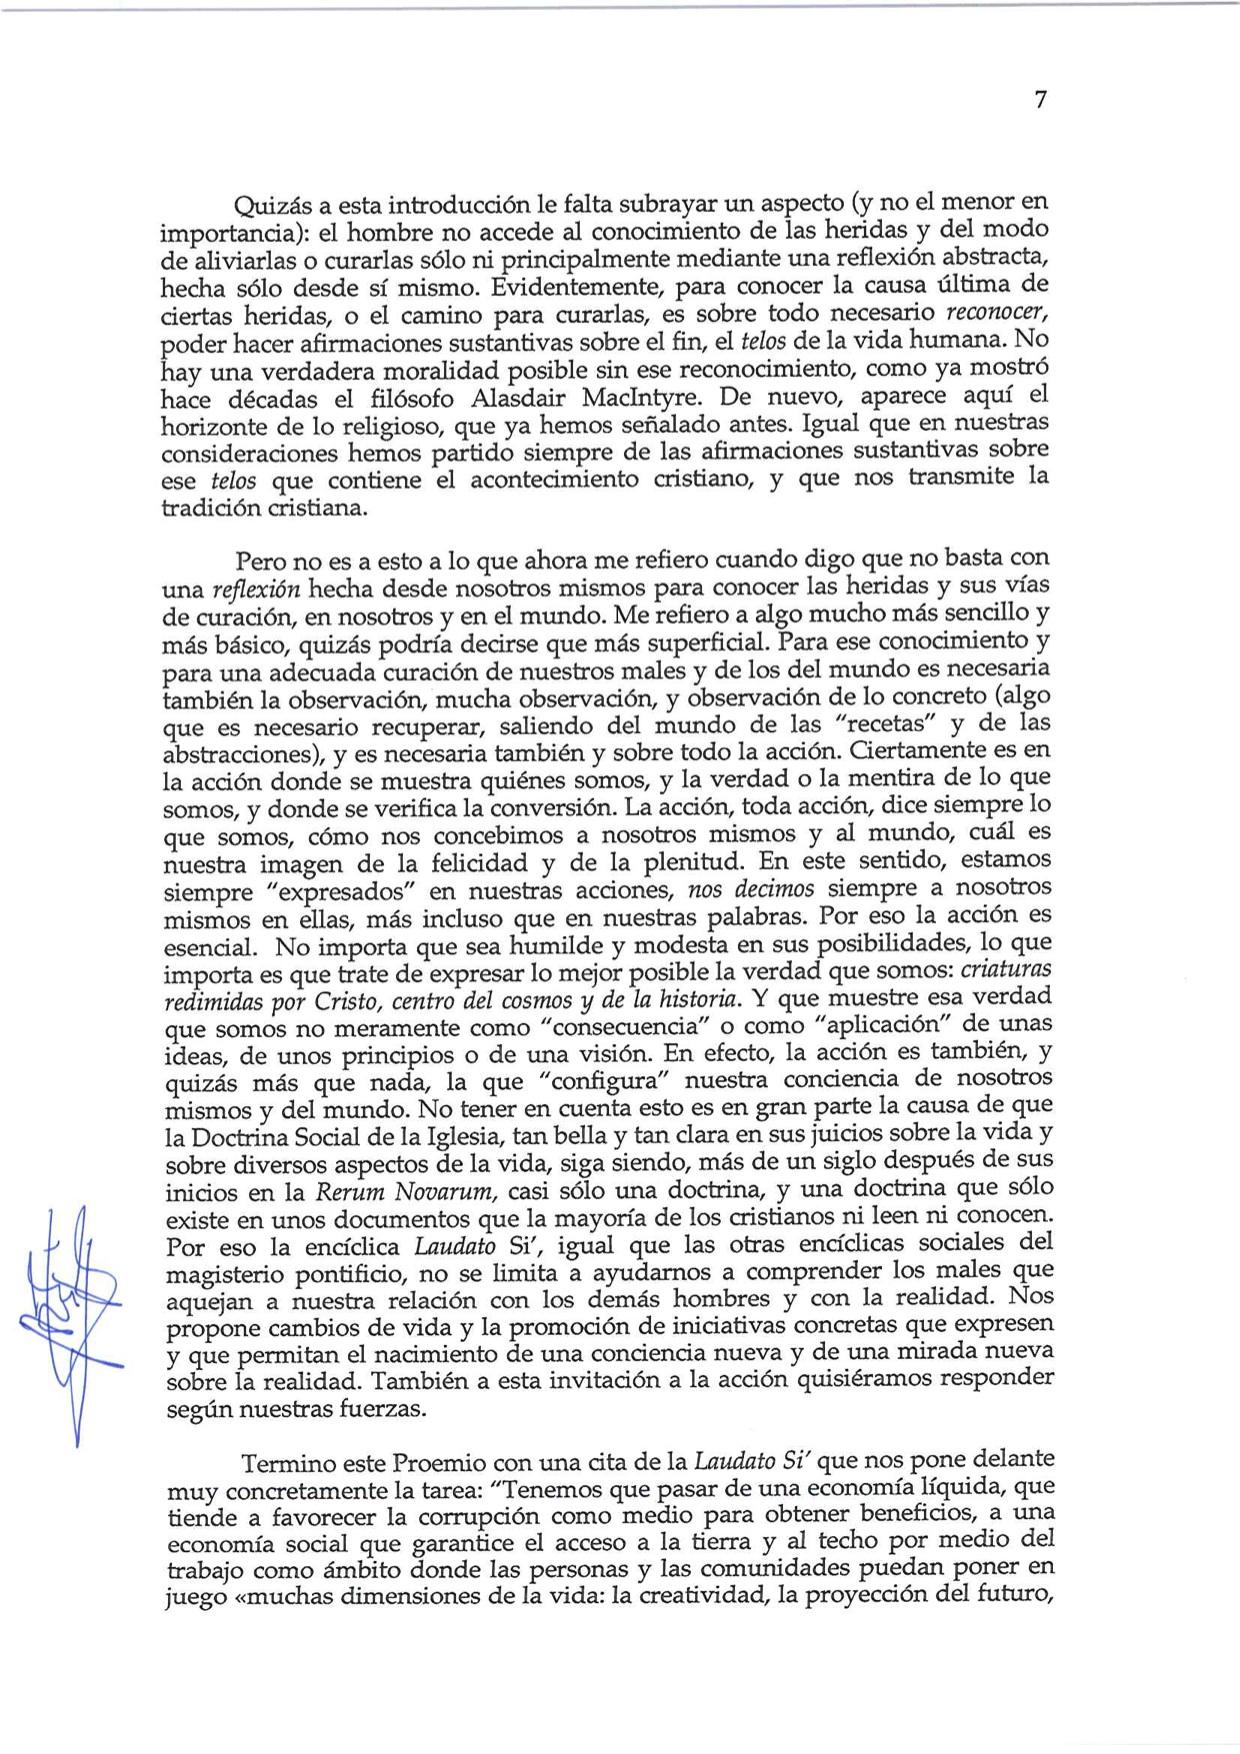 Decreto de Erección _Laudato Si_07